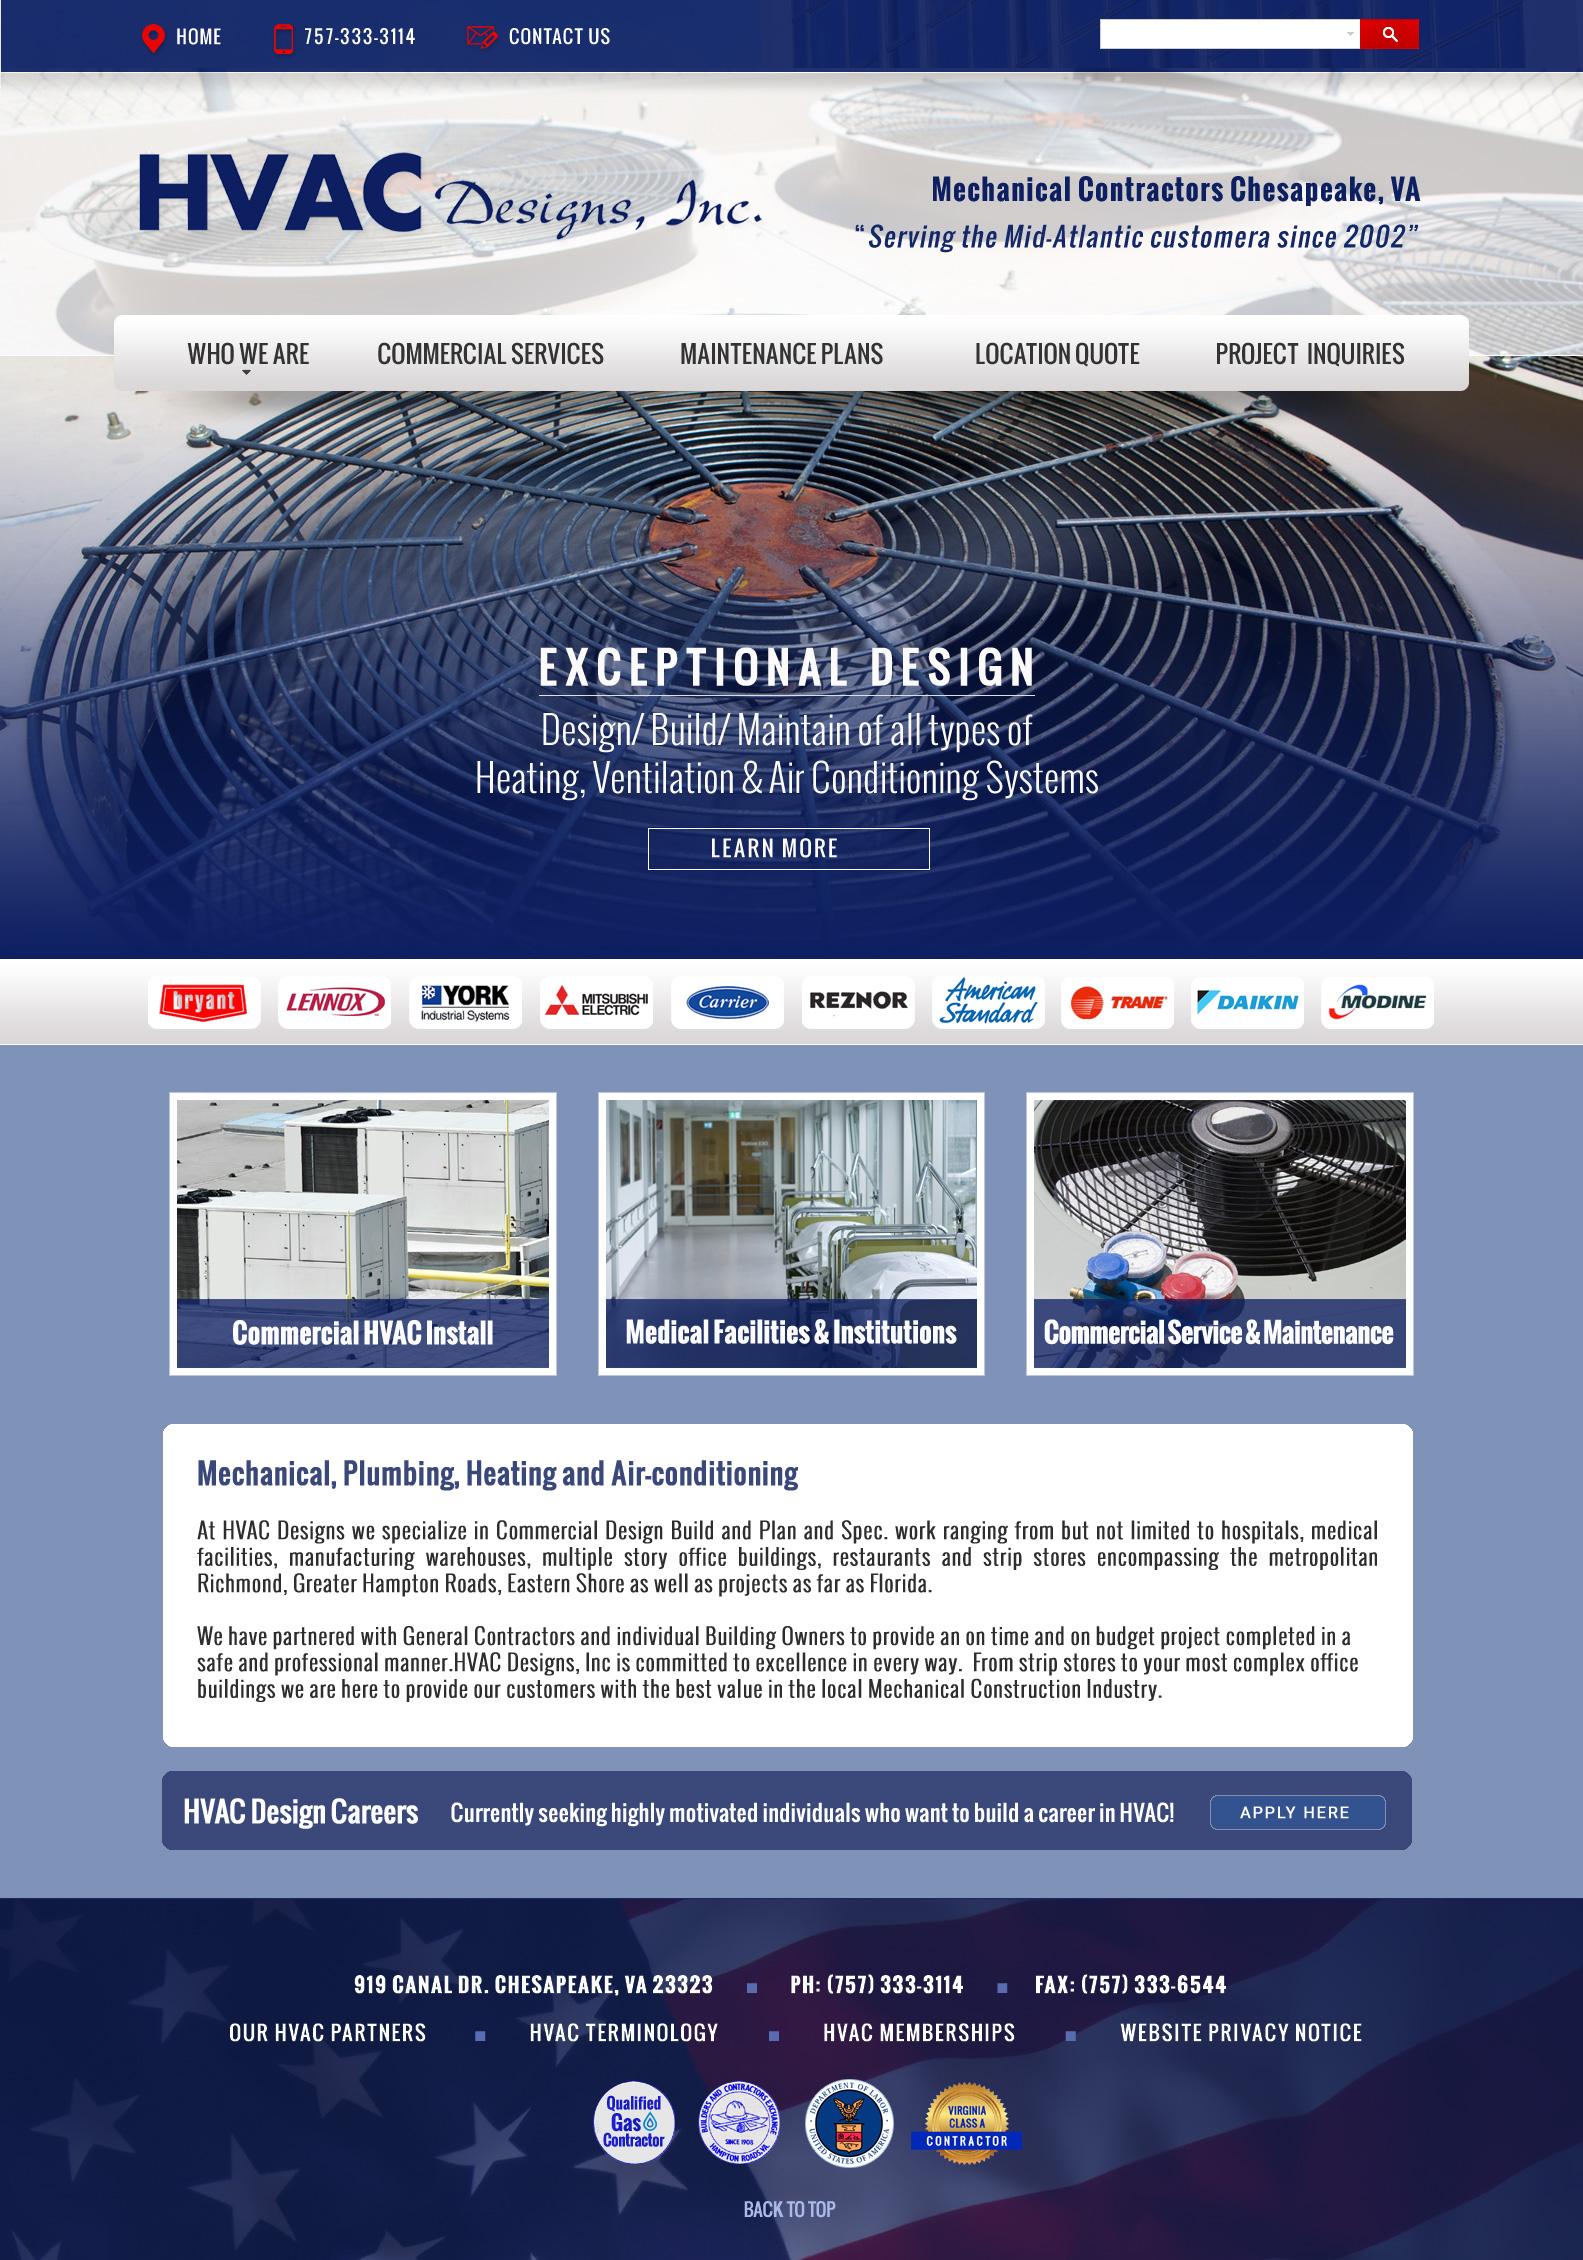 Web Design HVAC Companies VA : VISIONEFX DESIGN